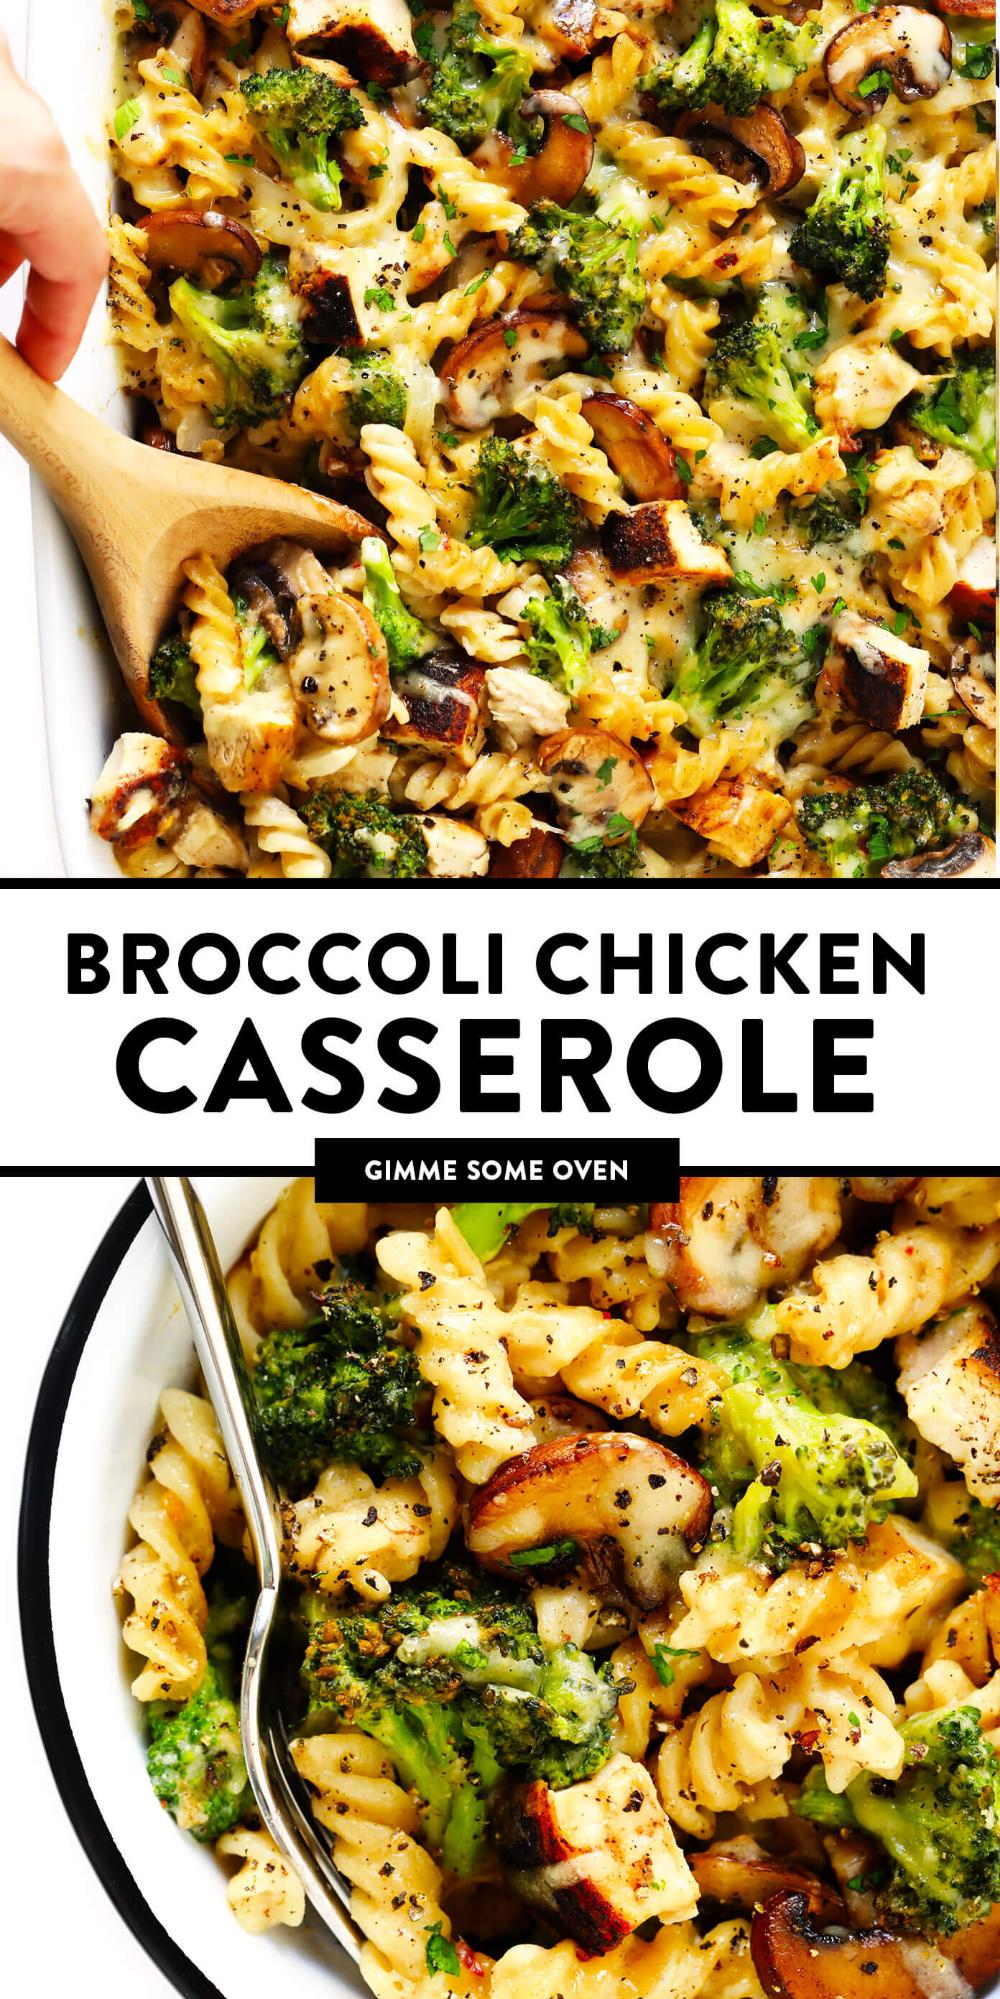 Healthier Broccoli Chicken Casserole Recipe | Gimme Some Oven